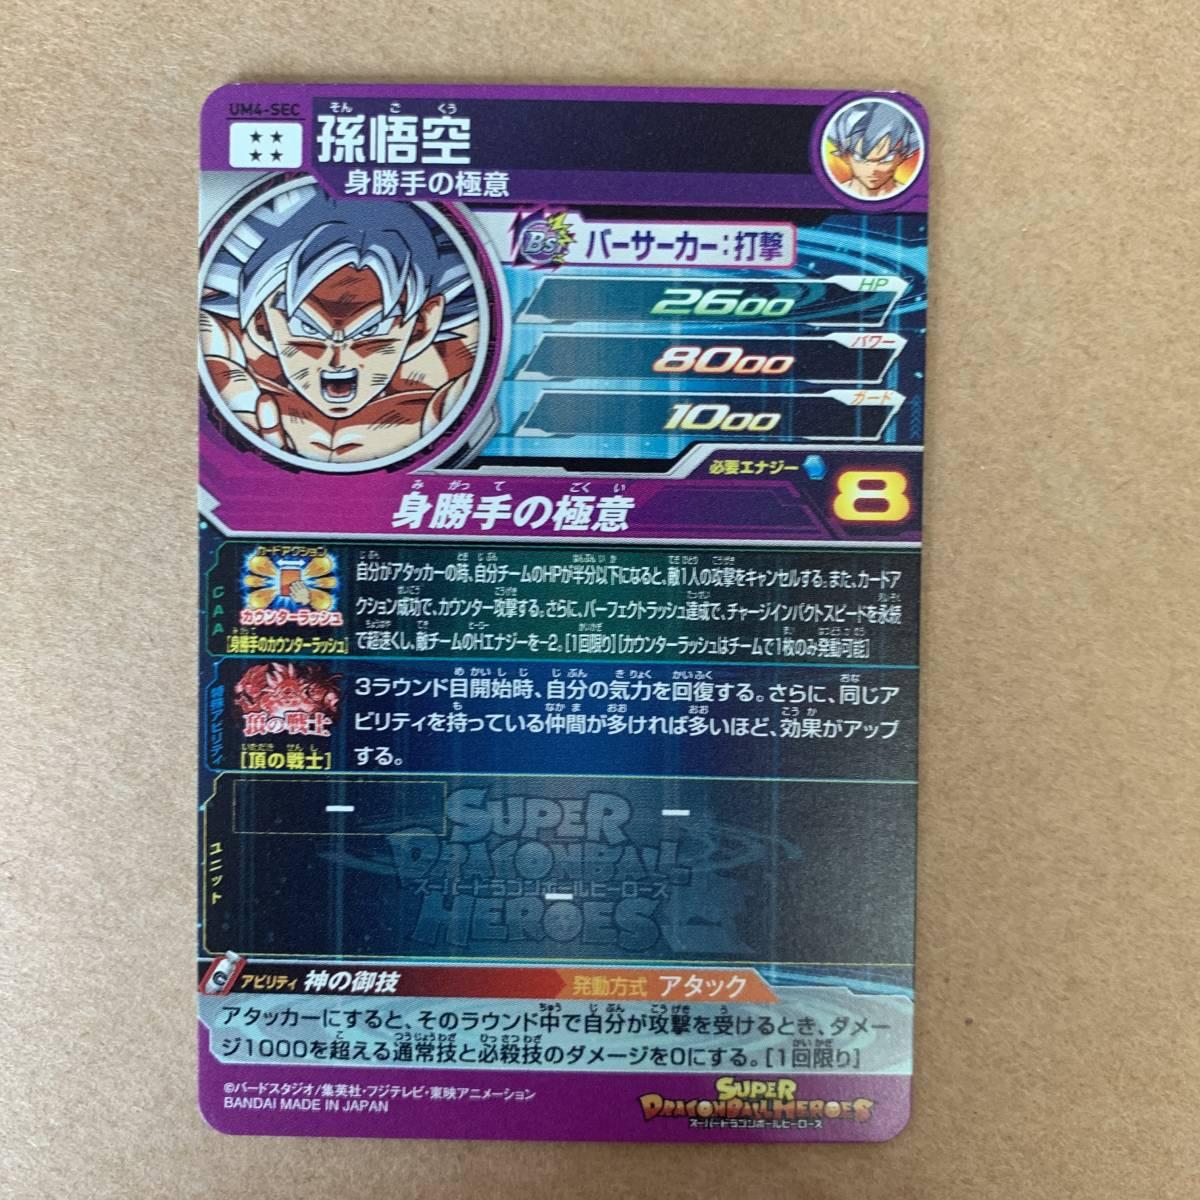 ◆6 ドラゴンボールヒーローズ UM4-SEC 孫悟空_画像2